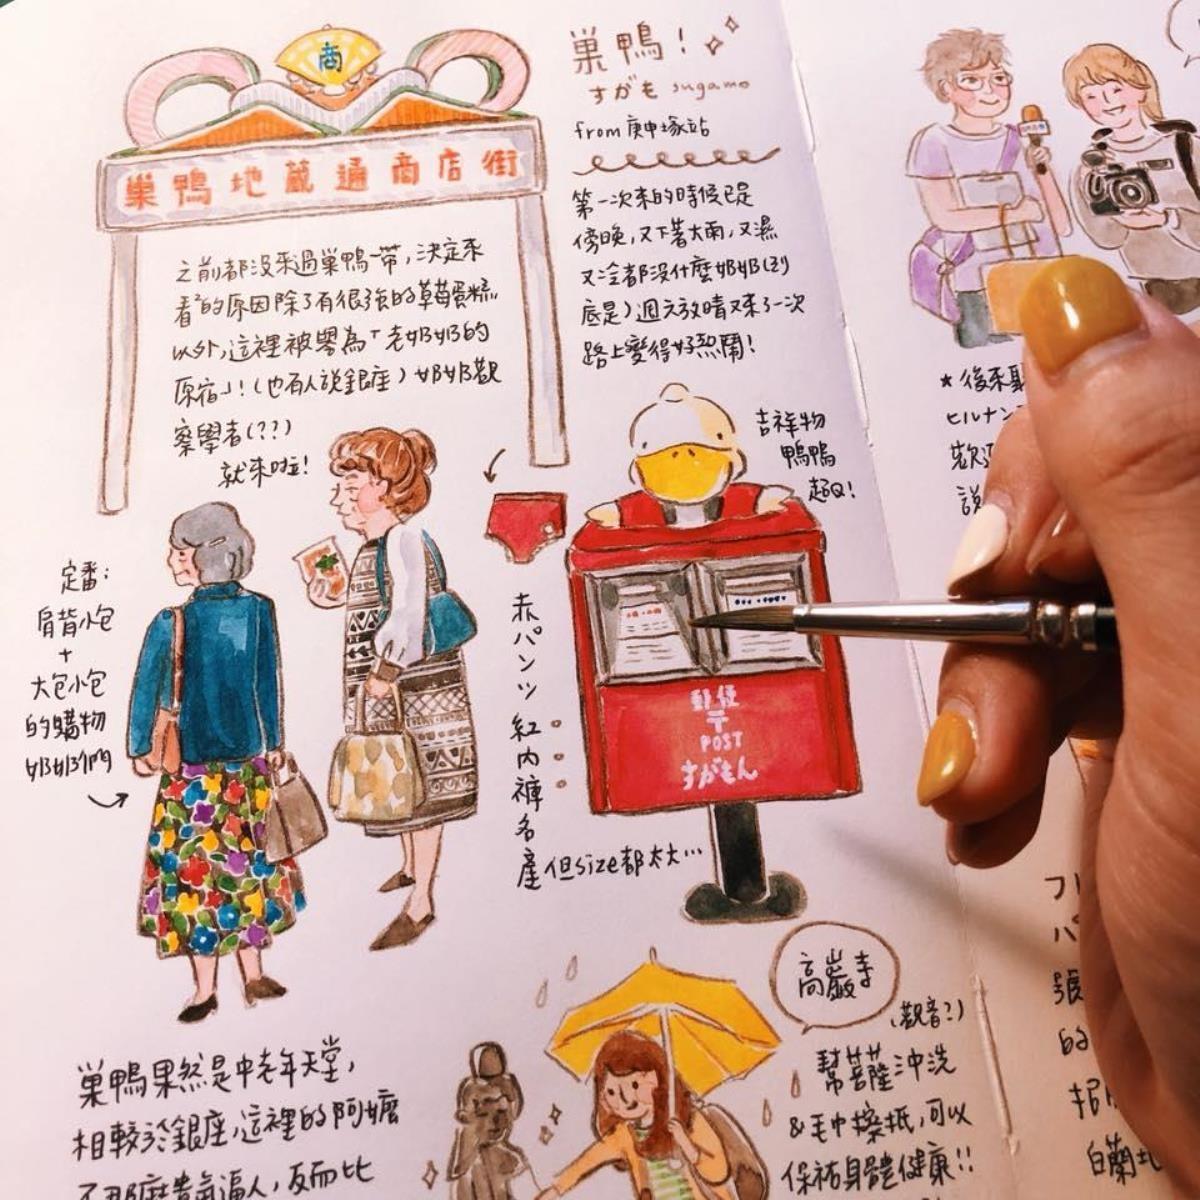 壘摳的插畫手帳(壘摳提供)